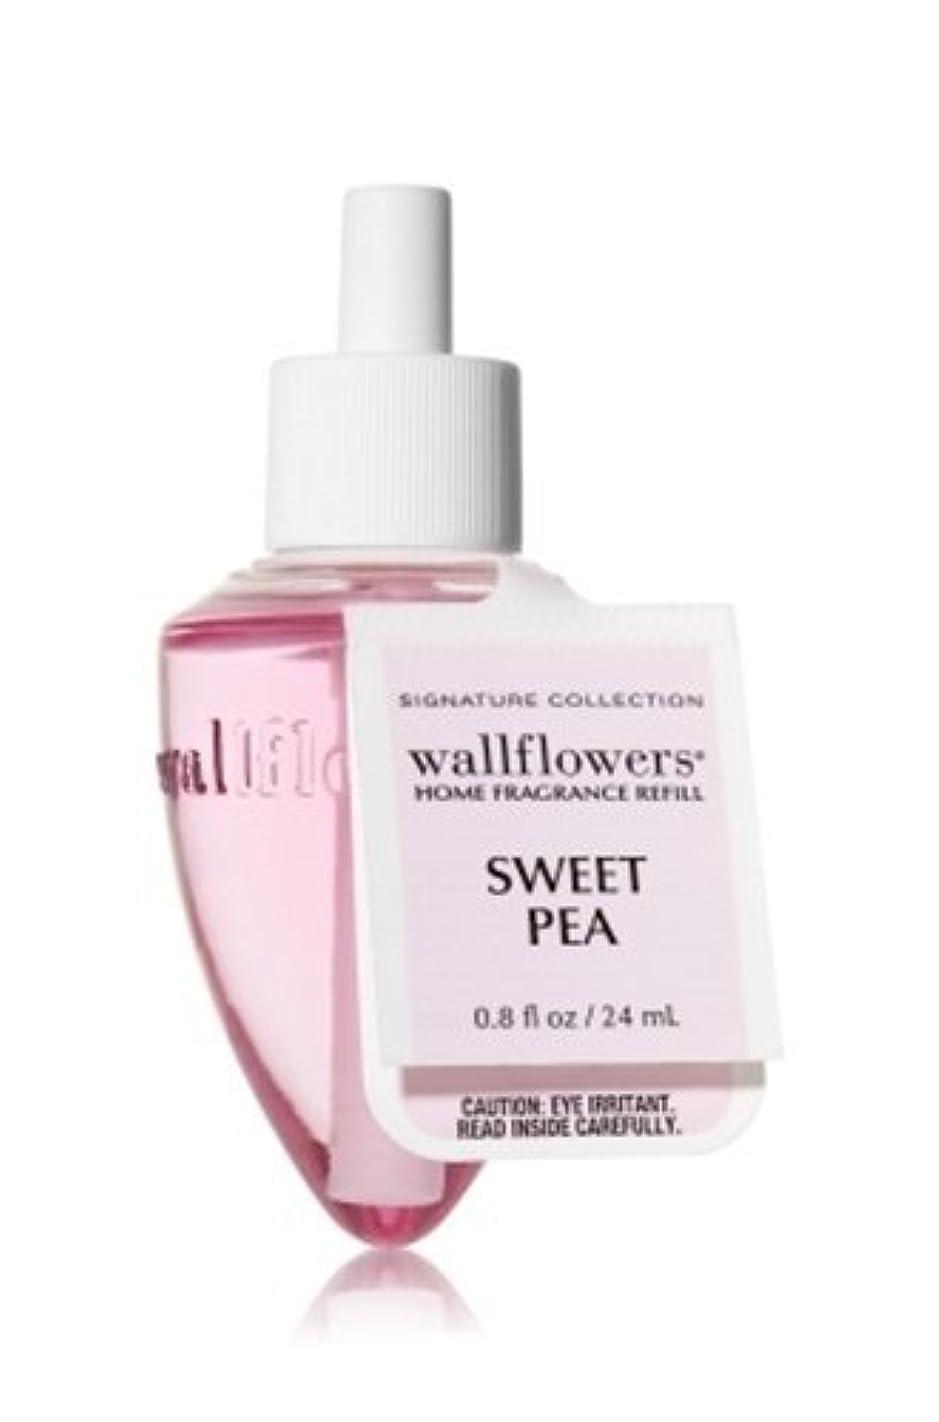 ハグパネル暖炉Bath & Body Works(バス&ボディワークス)スイートピー ホームフレグランス レフィル(本体は別売りです)Sweet Pea Wallflowers Refill Single Bottles [並行輸入品]